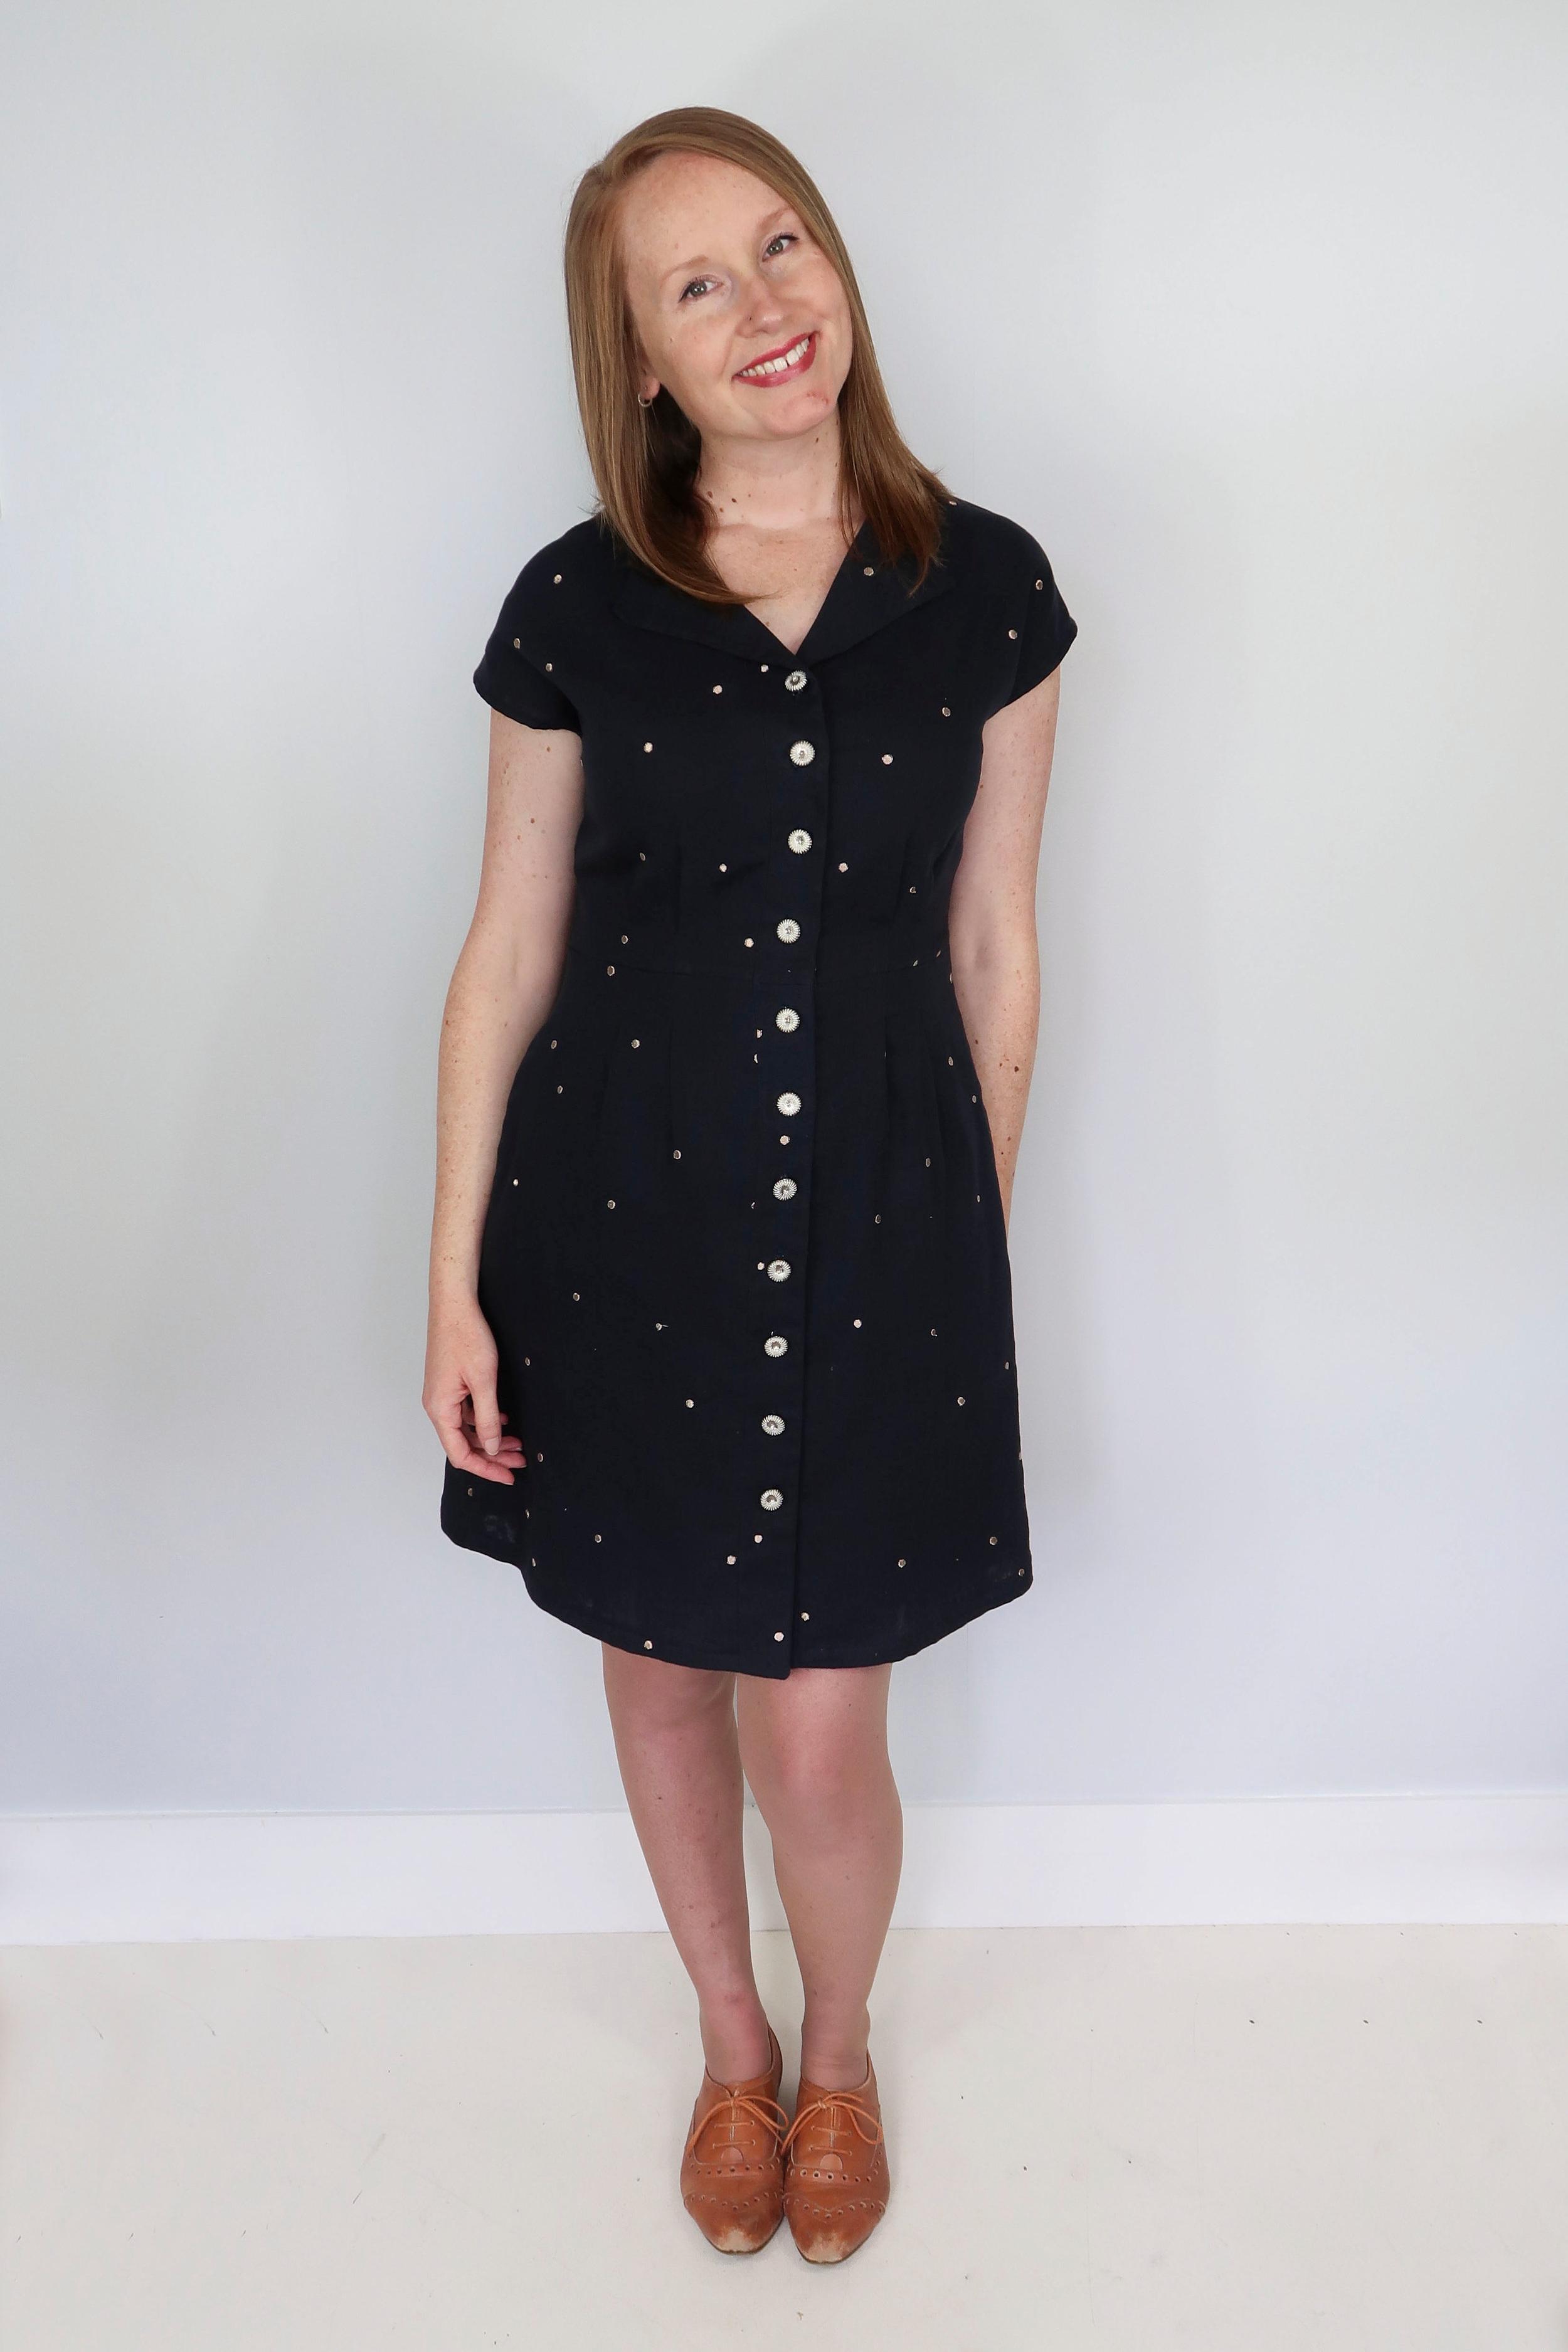 The Sorrel Dress from Jennifer Lauren